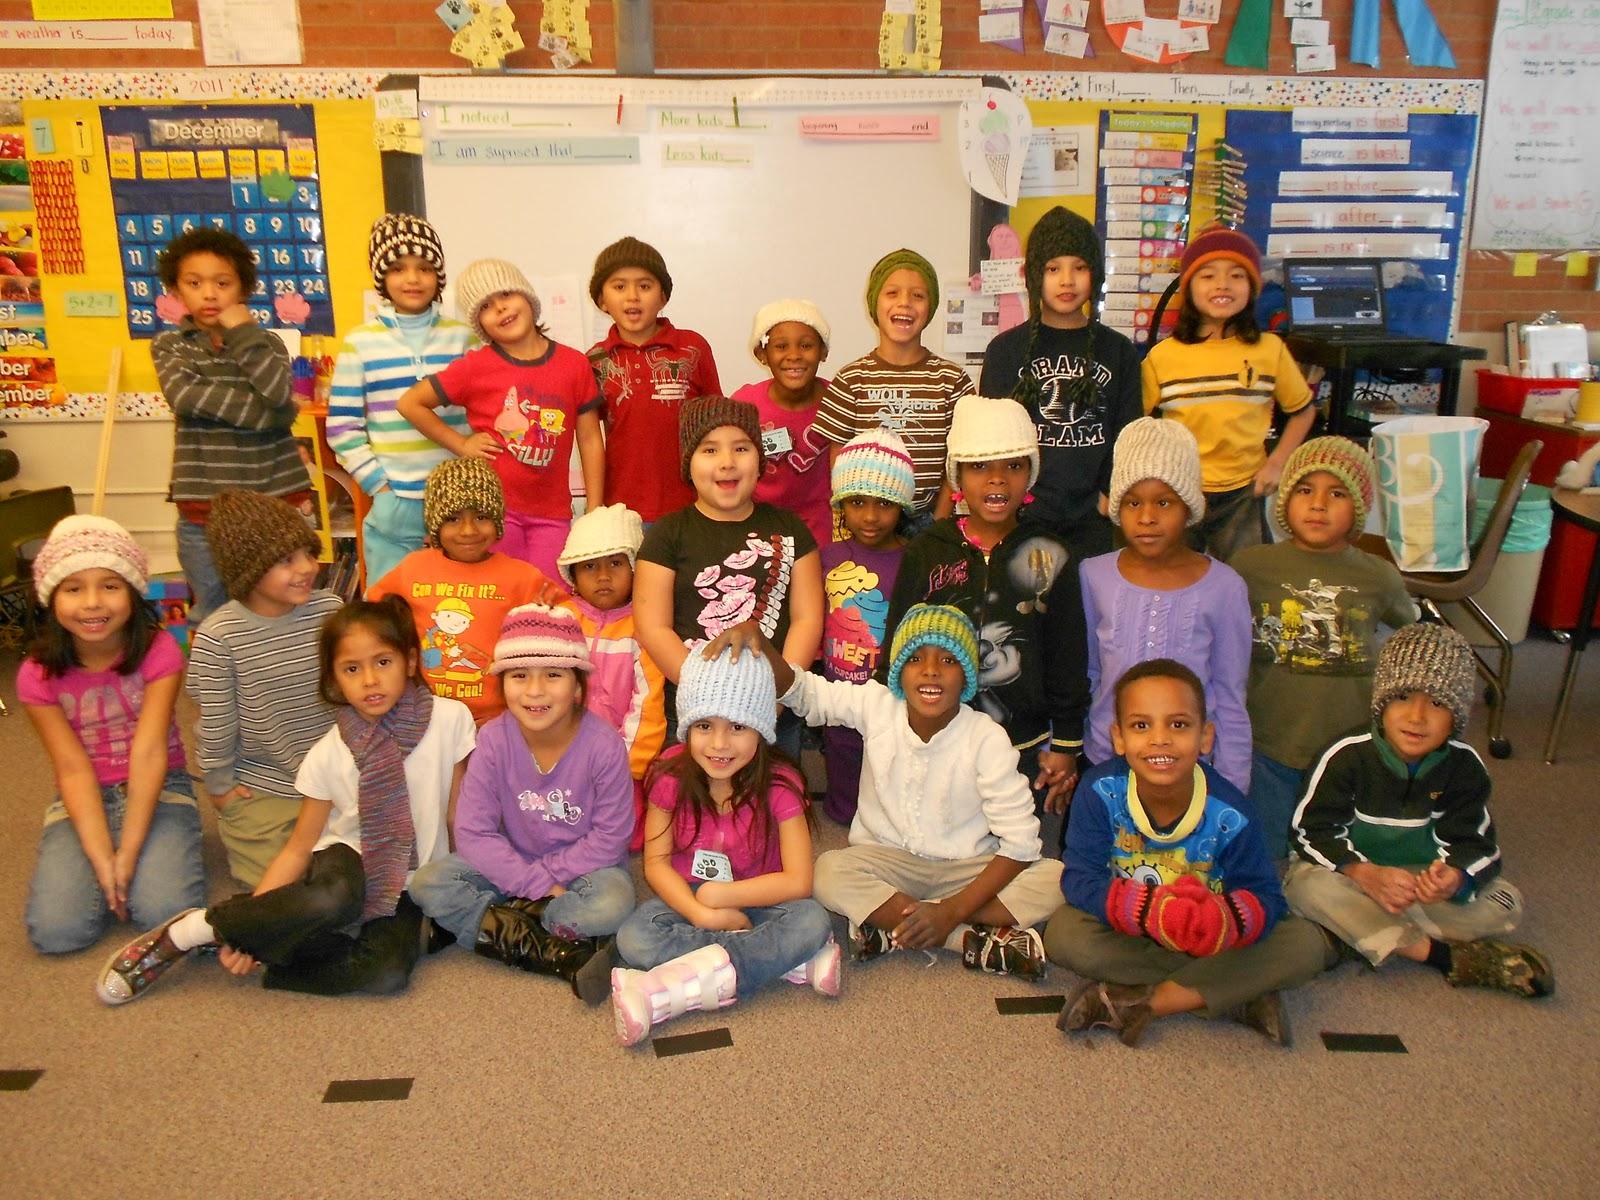 http://4.bp.blogspot.com/-rRba6a2sOiQ/Ttuq9t4moCI/AAAAAAAACY4/GGtk-rJqH6M/s1600/class+hats+007.JPG